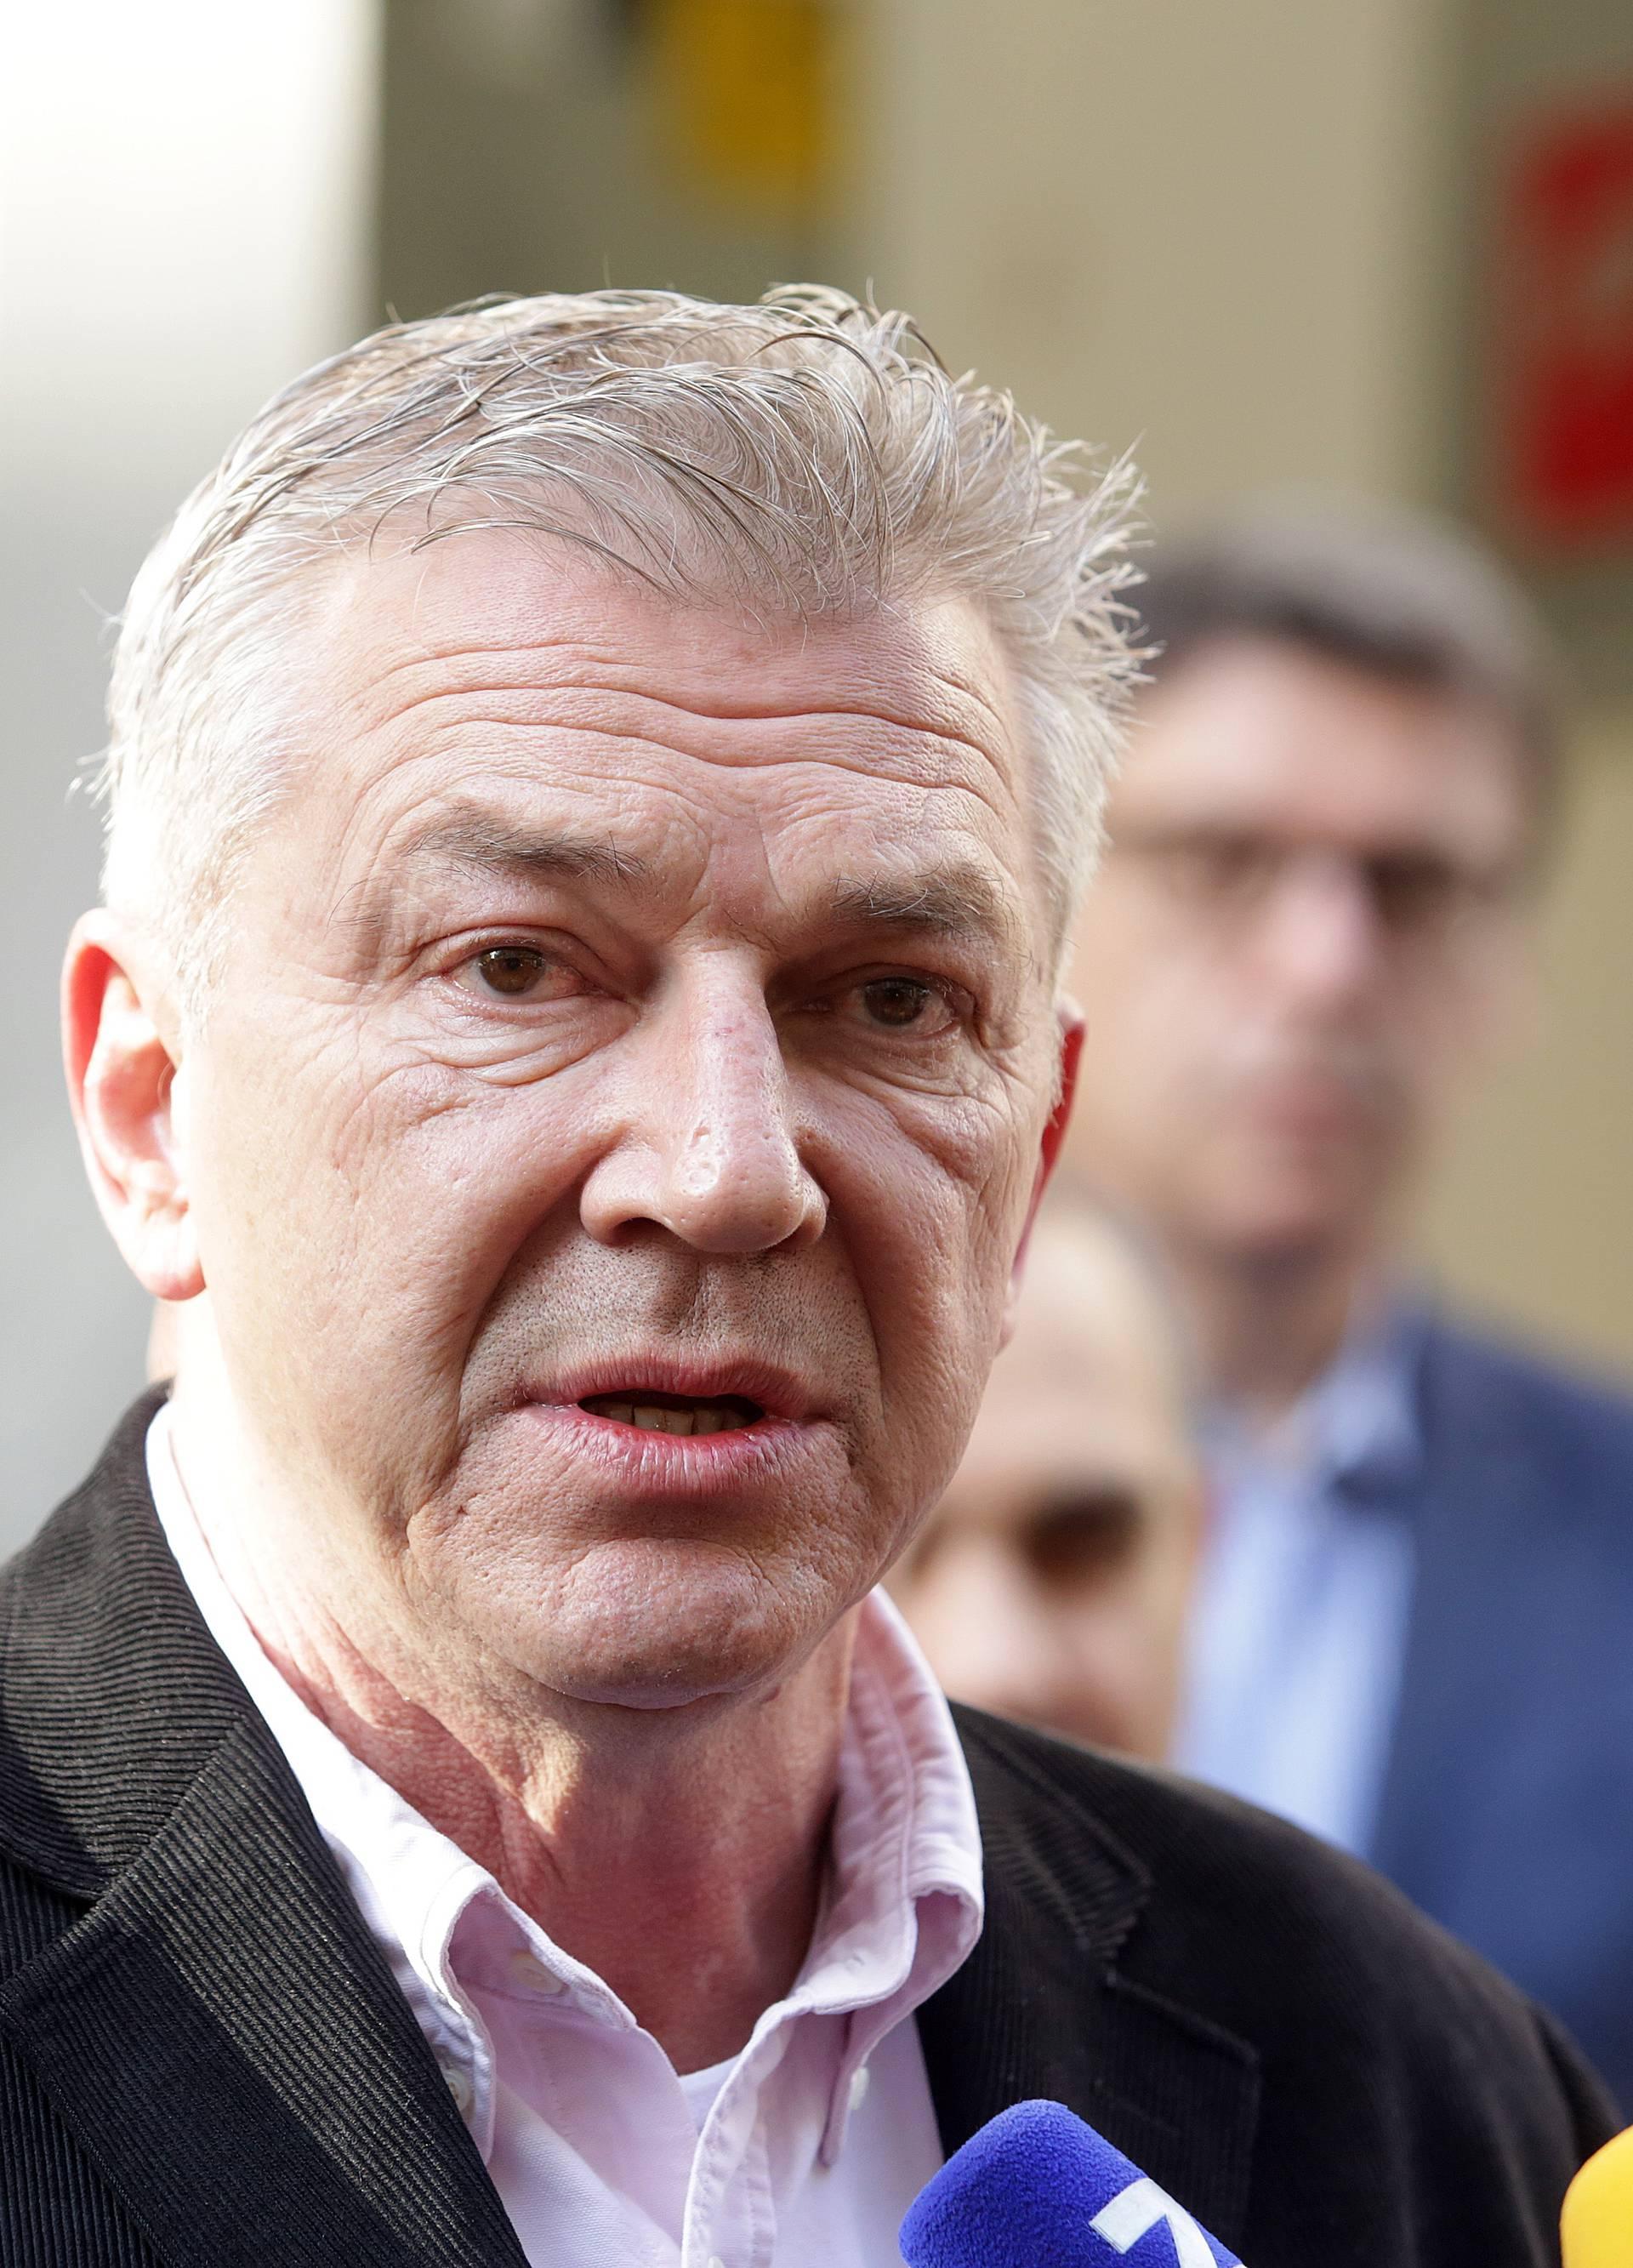 Ranko Ostojić proveo pet dana u bolnici: Operirali su mu kilu